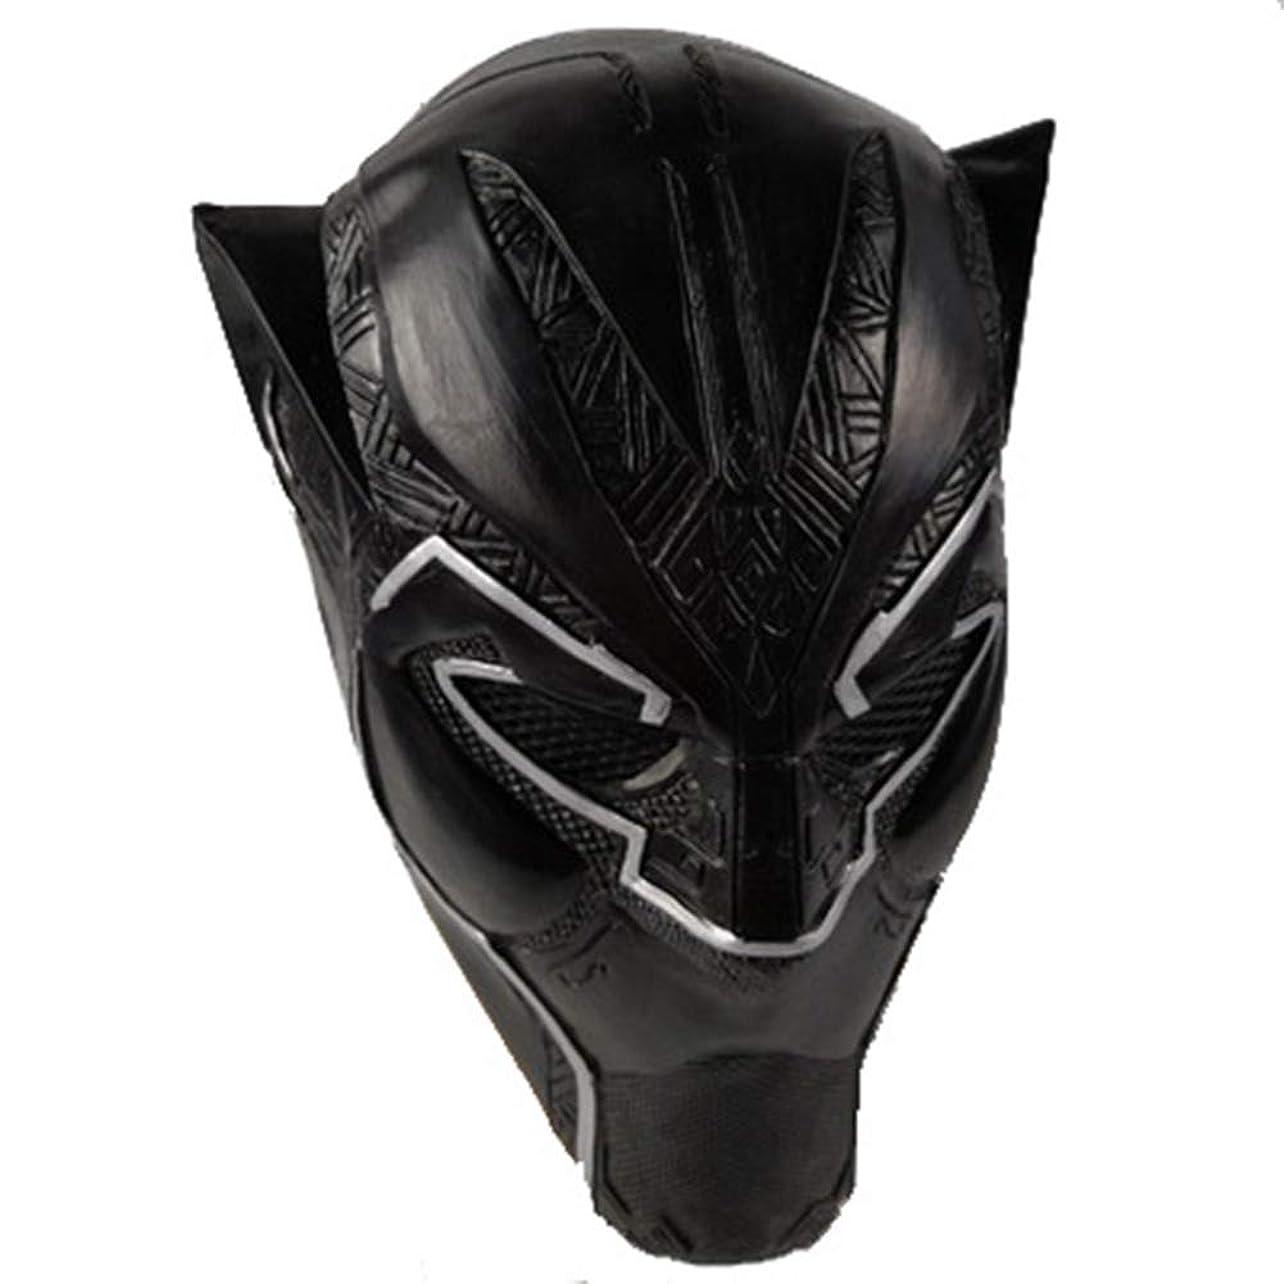 マッサージ犠牲シールドハロウィーンホラーマスク、フェイクブラックパンサーマスク、創造的な面白いヘッドマスク、パーティー仮装ラテックスマスク (特別、クラシック、新しい)